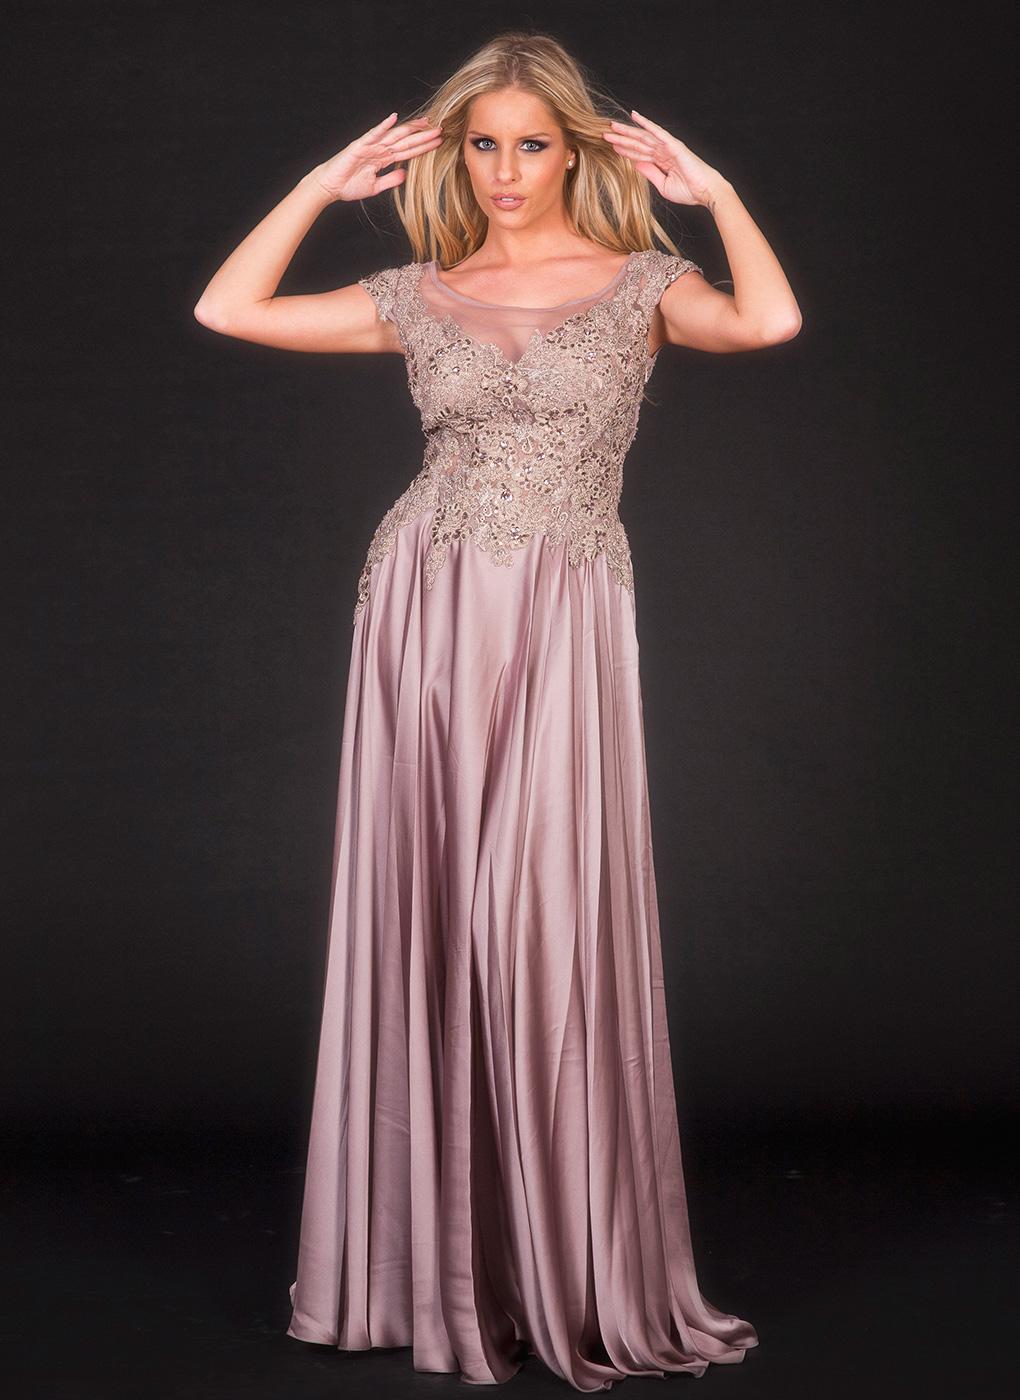 rochie de seara, rochie de seara eleganta, rochii de seara, rochie de seara frumoasa, rochie de seara ieftina, rochie de seara de dantela, rochie de seara mov, rochie de seara lila, rochii de seara elegante, rochii de seara speciale, rochie de seara dde voal